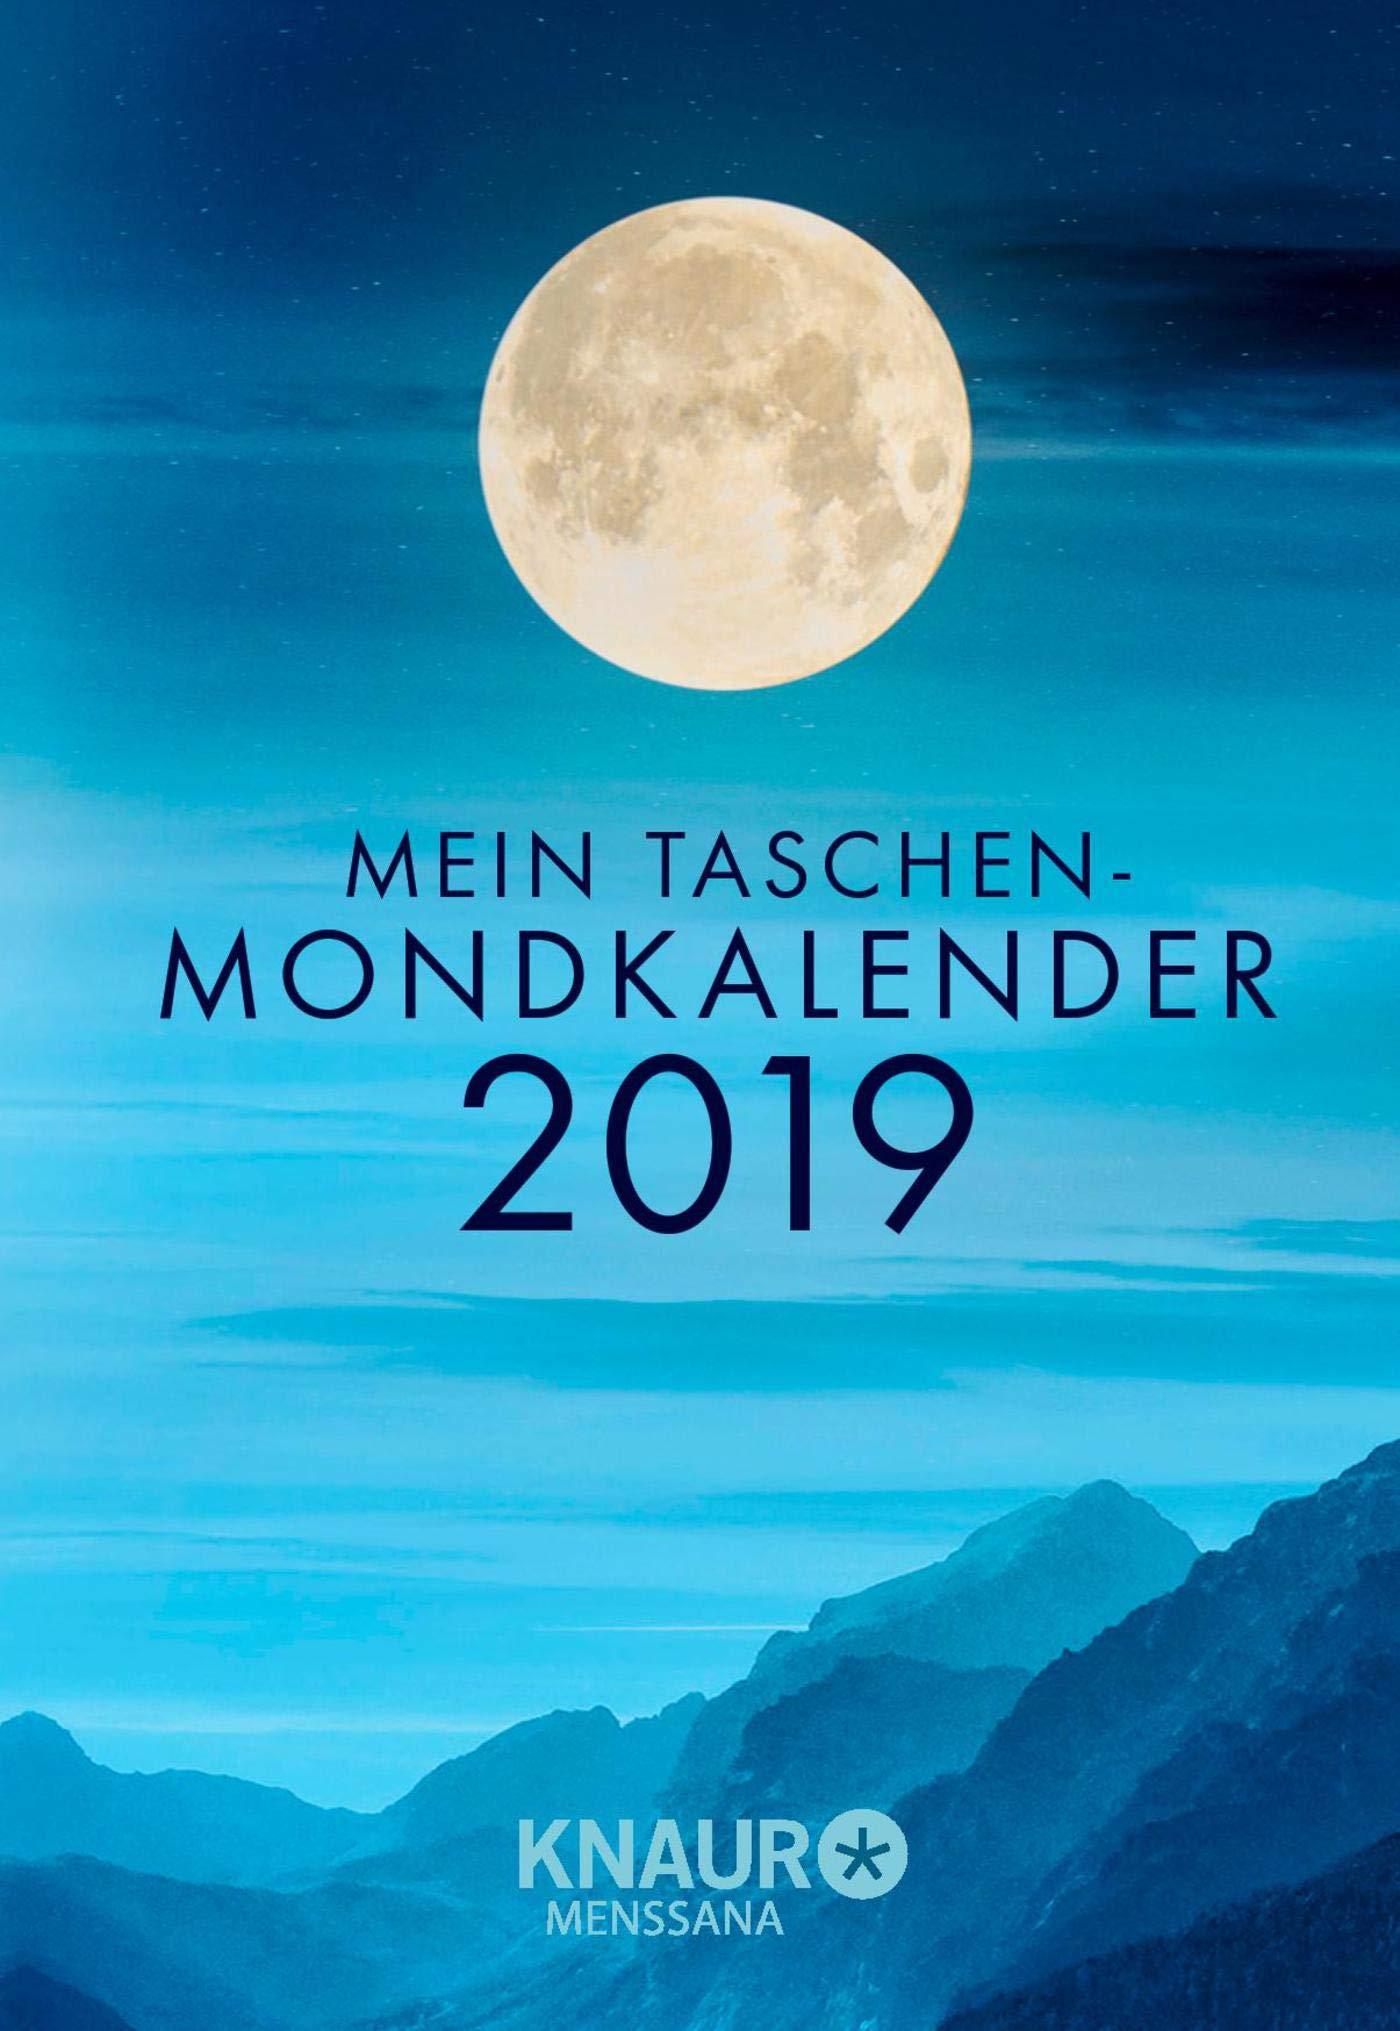 Mein Taschen-Mondkalender 2019: Terminkalender m. Wochenplaner u. besonderem Spruch der Woche, m. allen Informationen zu Mondeinflüssen & ... für Notizen, m. Lesebändchen, 10,0 x 14,5 cm